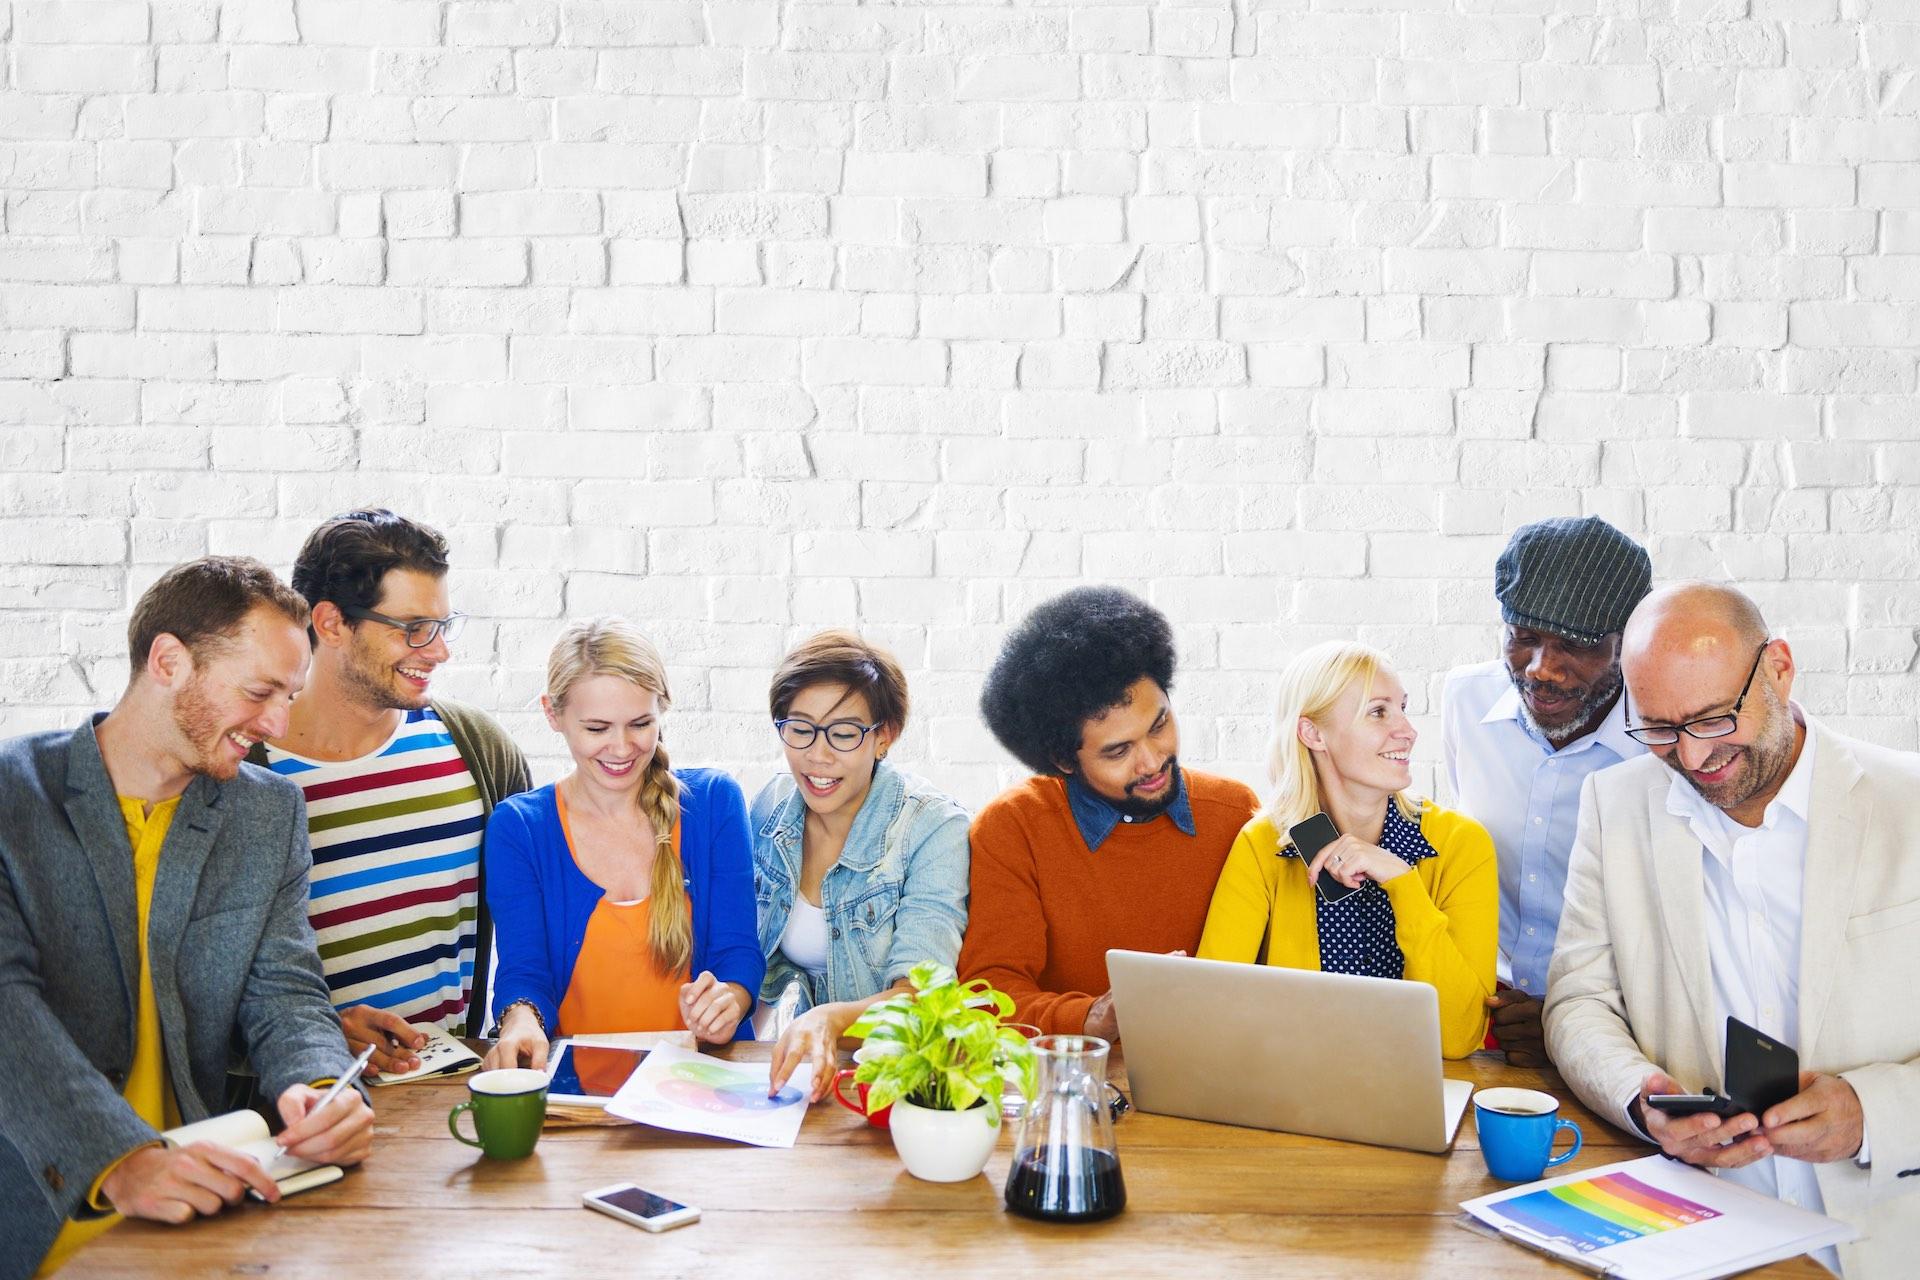 辦公室越來越像小型聯合國-多元文化下的團隊合作